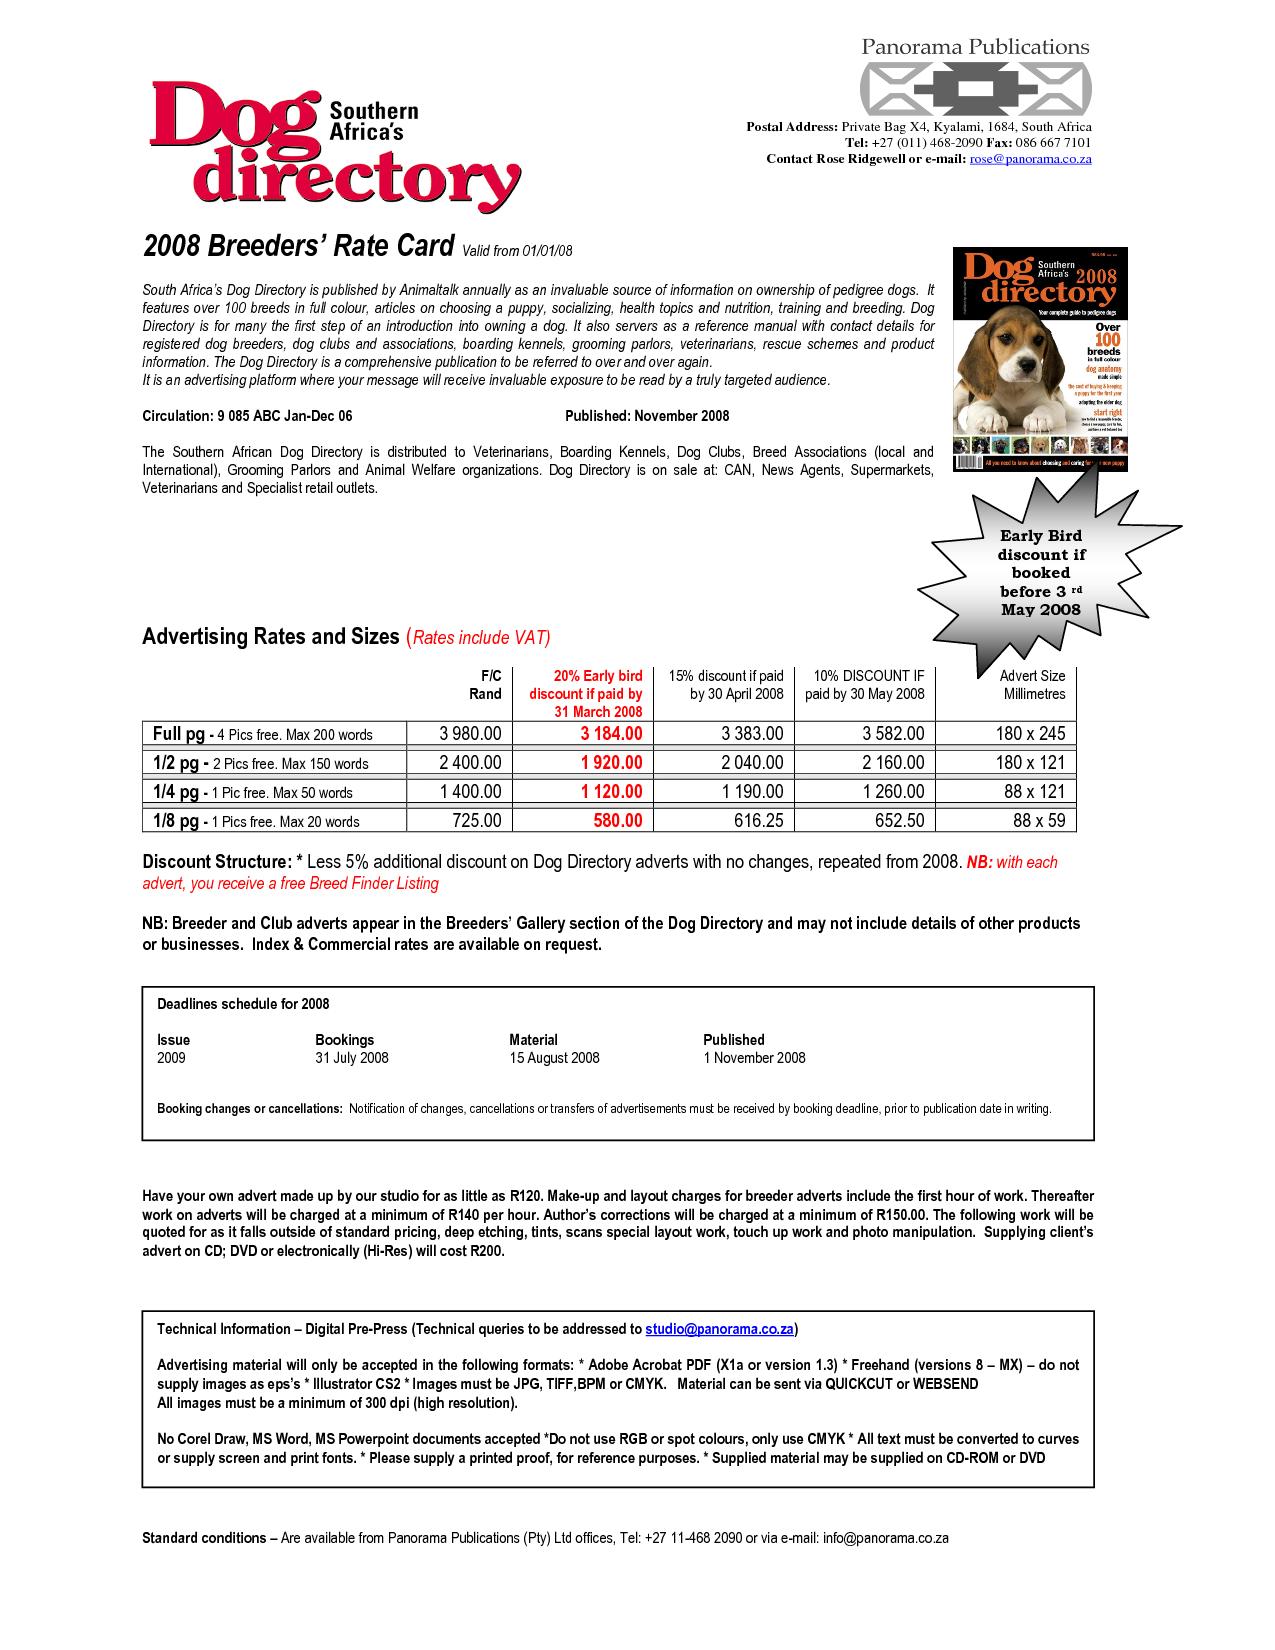 Resume Format For Advertising Agency Http Www Resumecareer Info